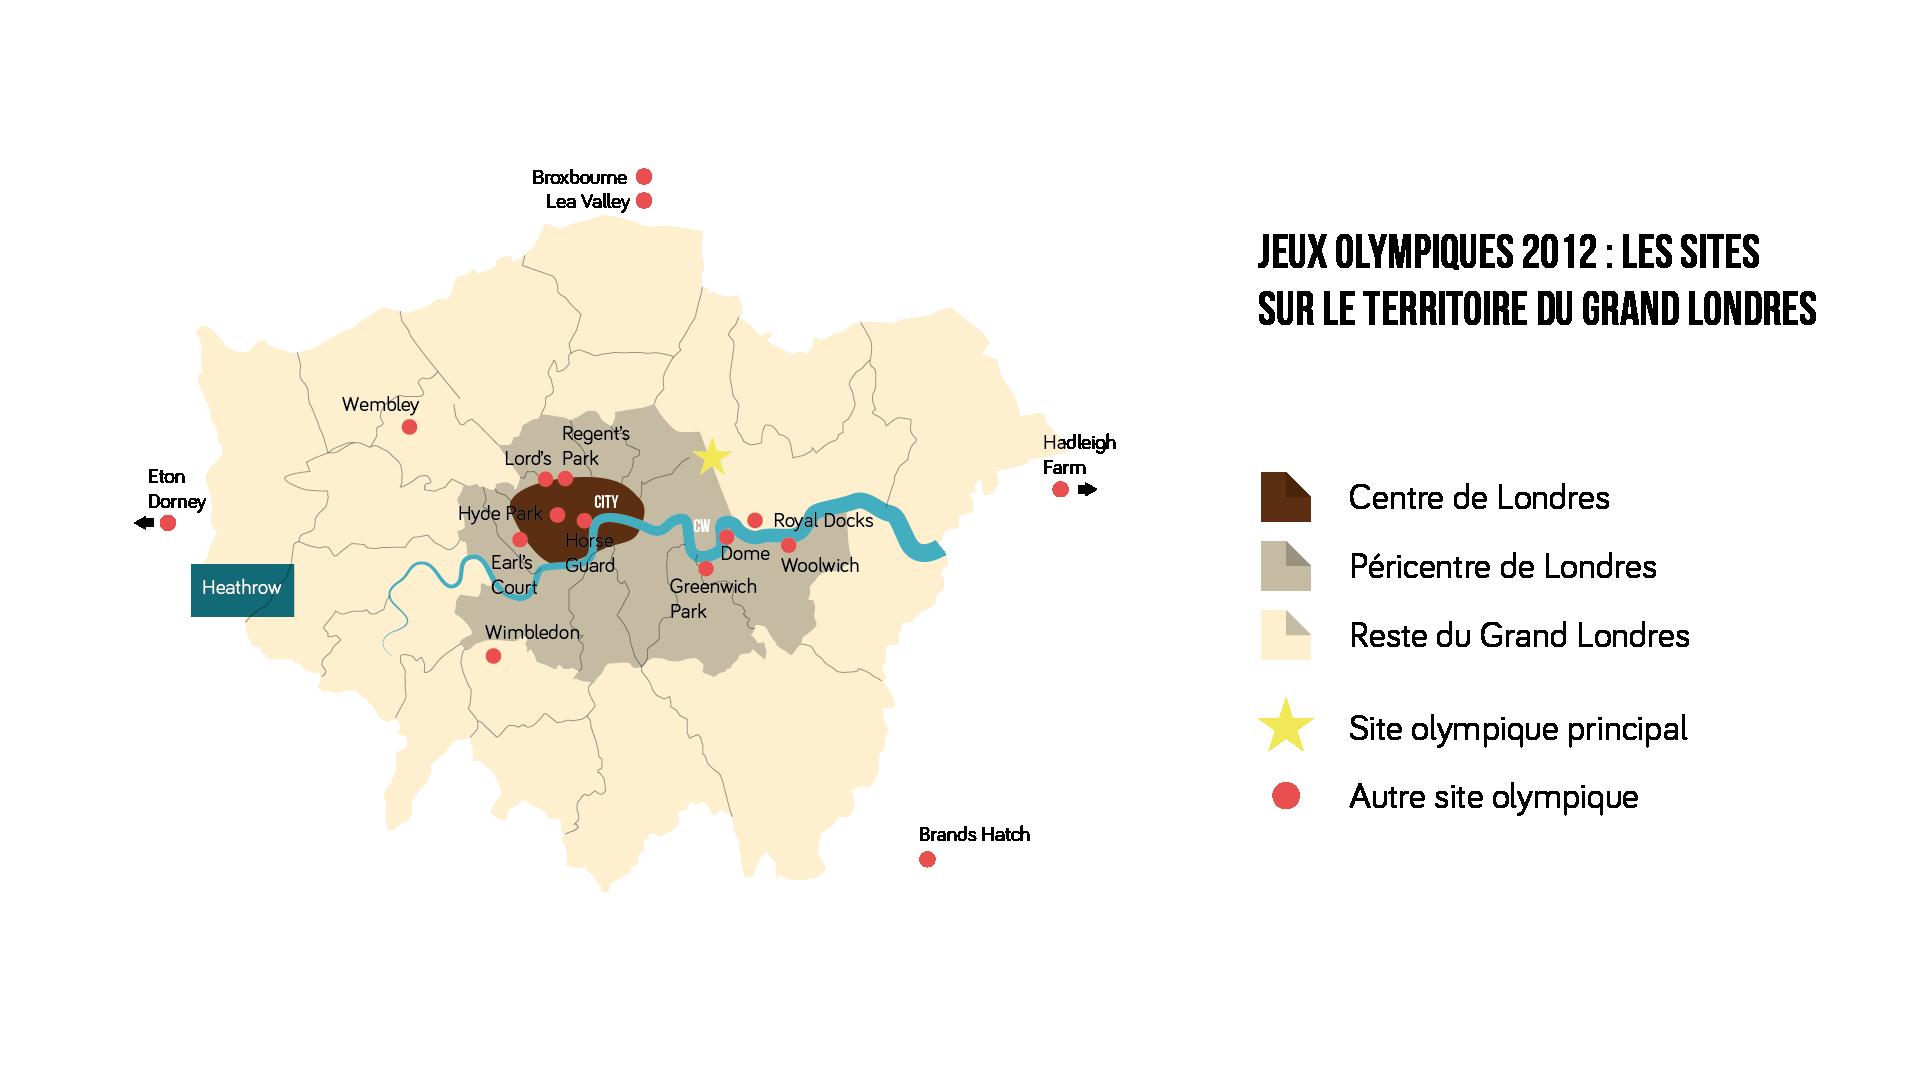 Jeux Olympiques 2012 : les sites sur le territoire du grand Londres Géographie seconde